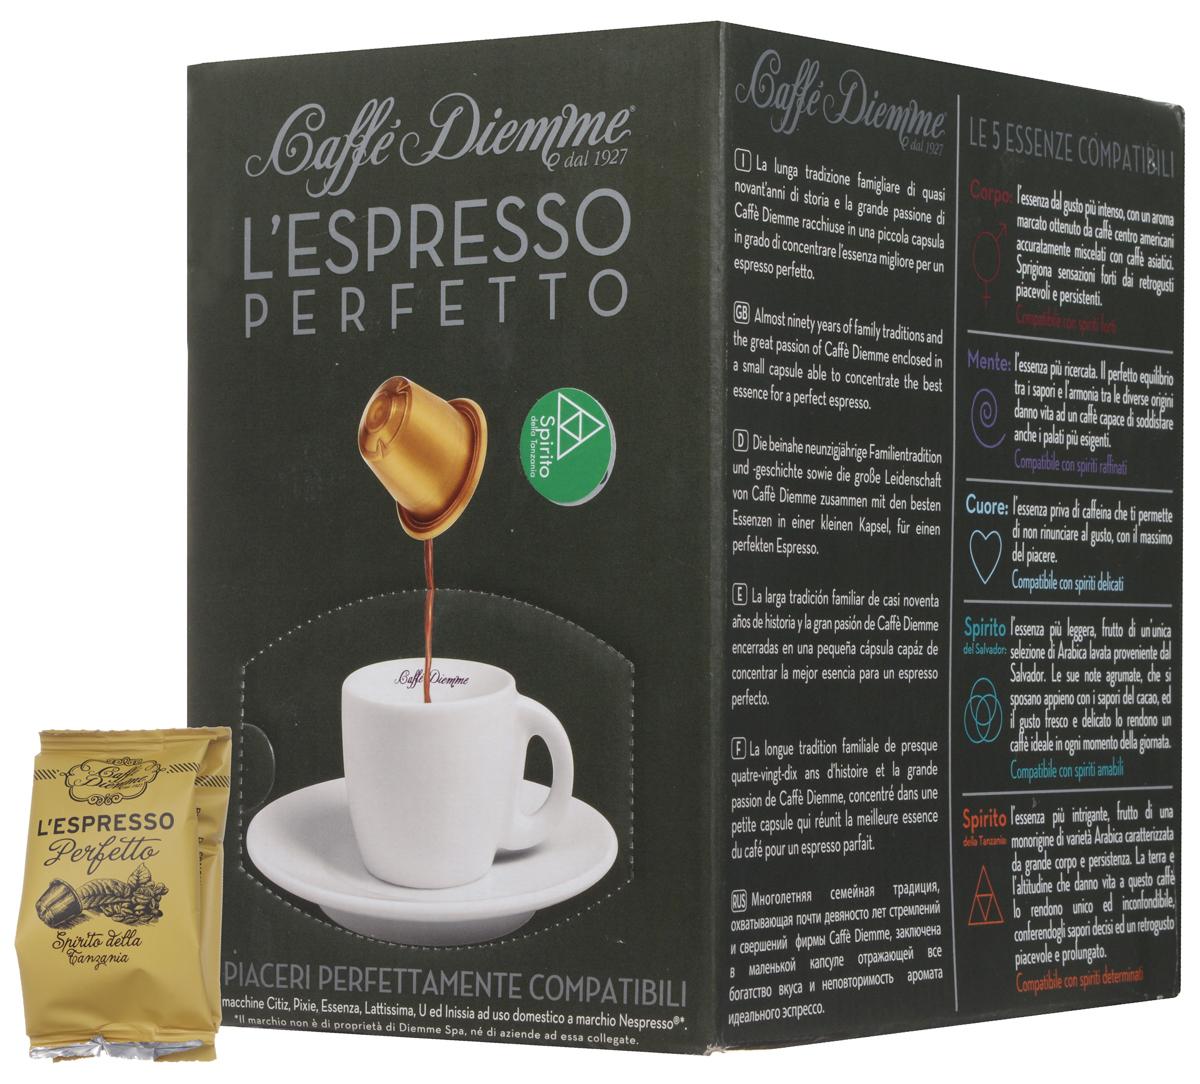 Diemme Caffe Spirito della Tanzania кофе в капсулах, моносорт, 50 шт0120710Spirito della Tanzania - это самый загадочный аромат, он происходит от моносорта Арабика, отличающегося терпким долгосохранябщимся вкусом. Особые высокогорные условия придают этому кофе приятное и незабываемое послевкусие. Многолетняя семейная традиция, охватывающая почти девяносто лет стремлений и свершений фирмы Diemme Caffe, заключена в маленькой капсуле отражающей все богатство вкуса и неповторимость аромата идеального эспрессо.